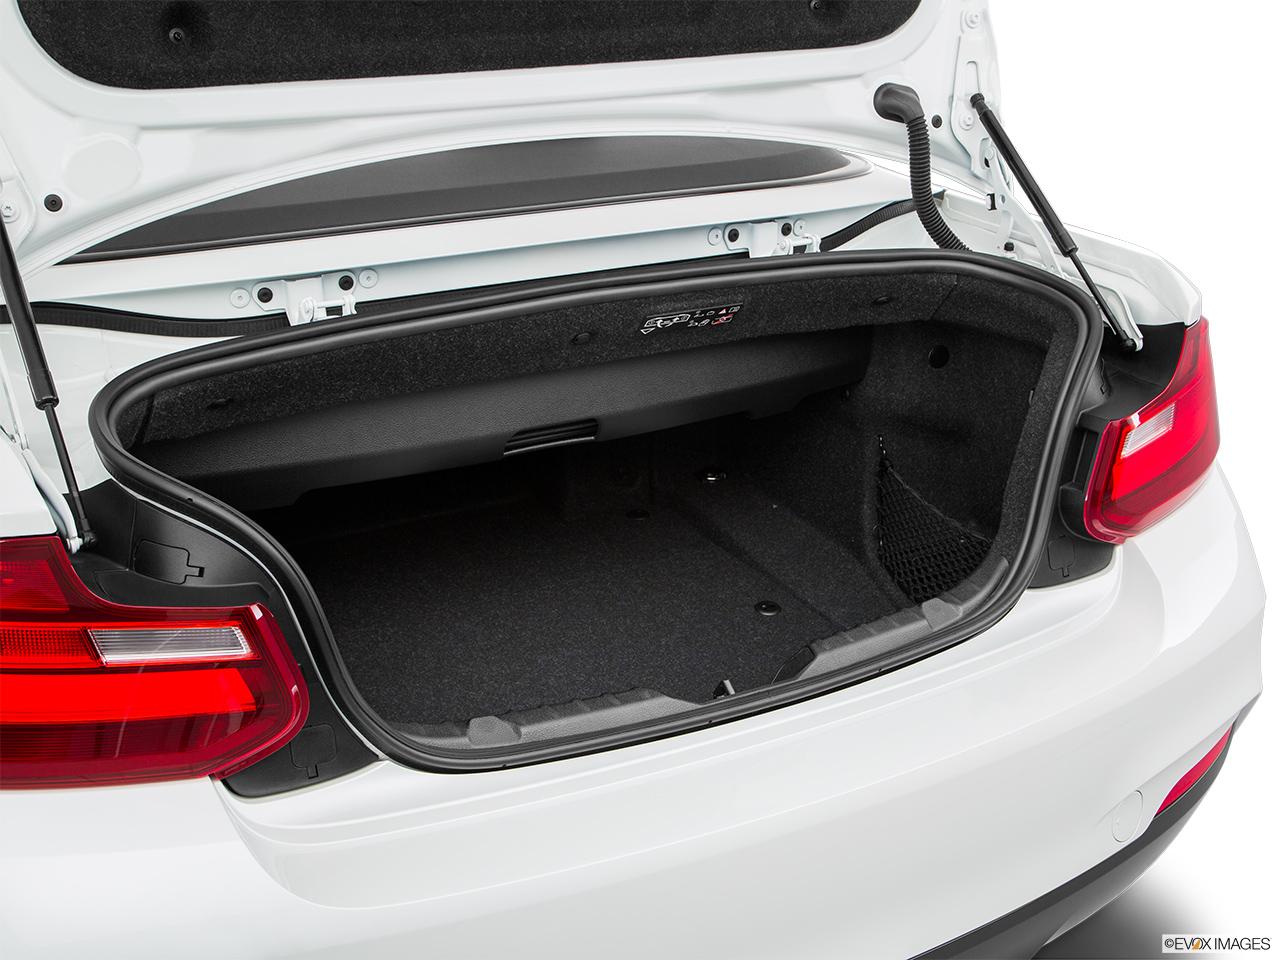 Bmw X6 Seating Capacity Bmw X5 Vs X6 Bmw X5 2014 Su